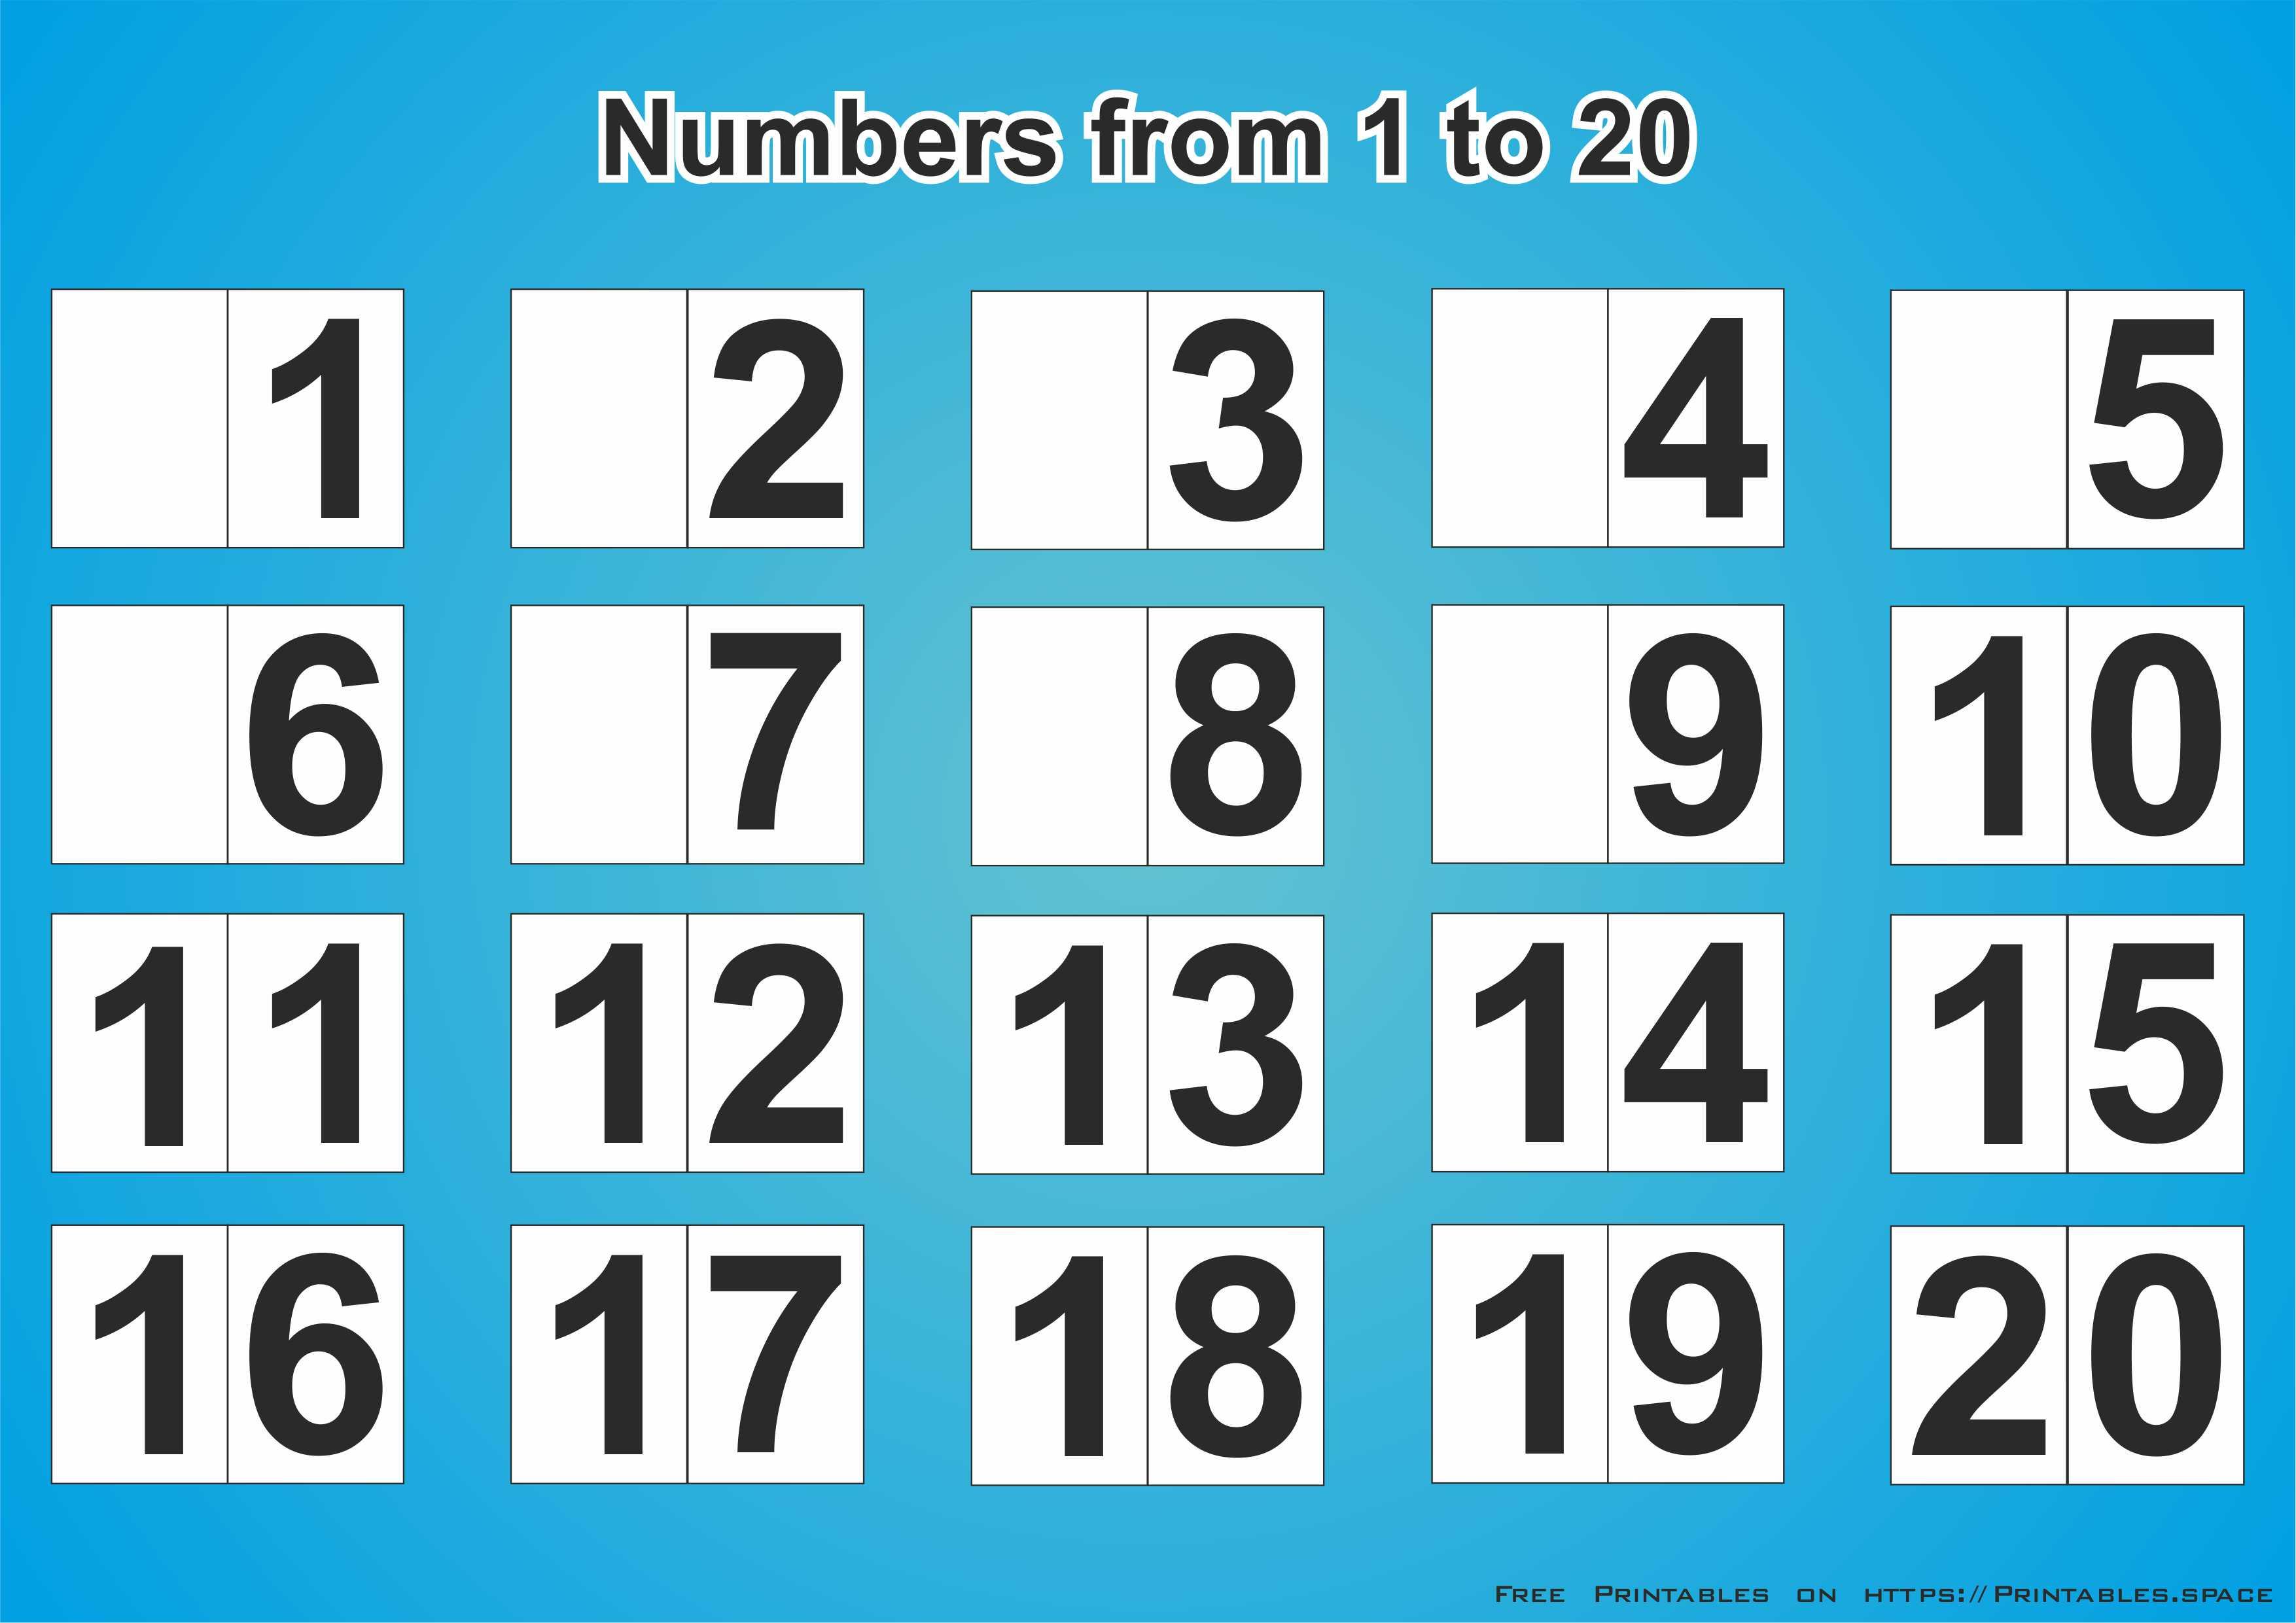 Free Download Printable Numbers 1-20 - Free Printables